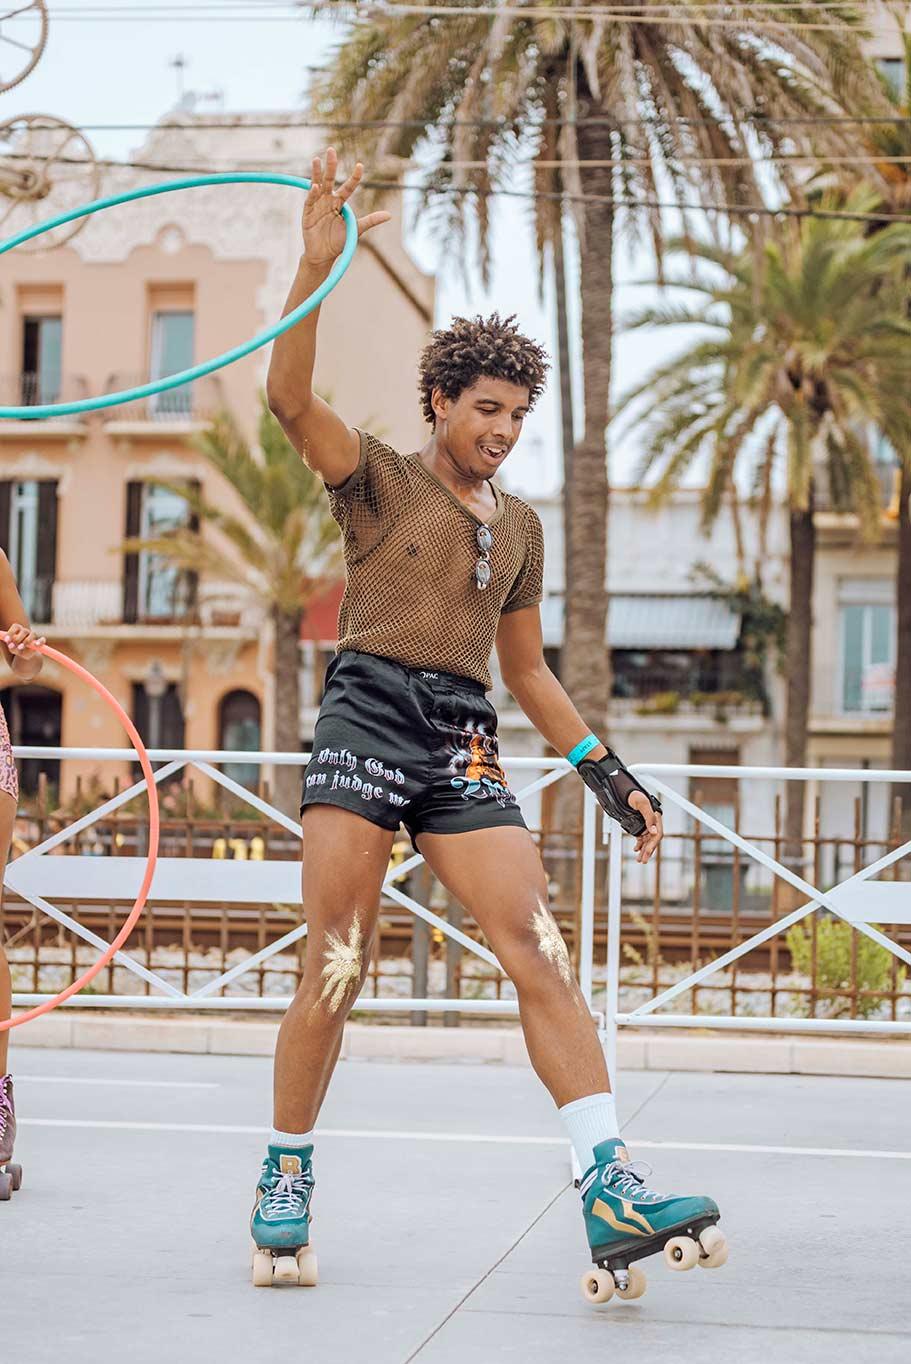 hula hoop skate